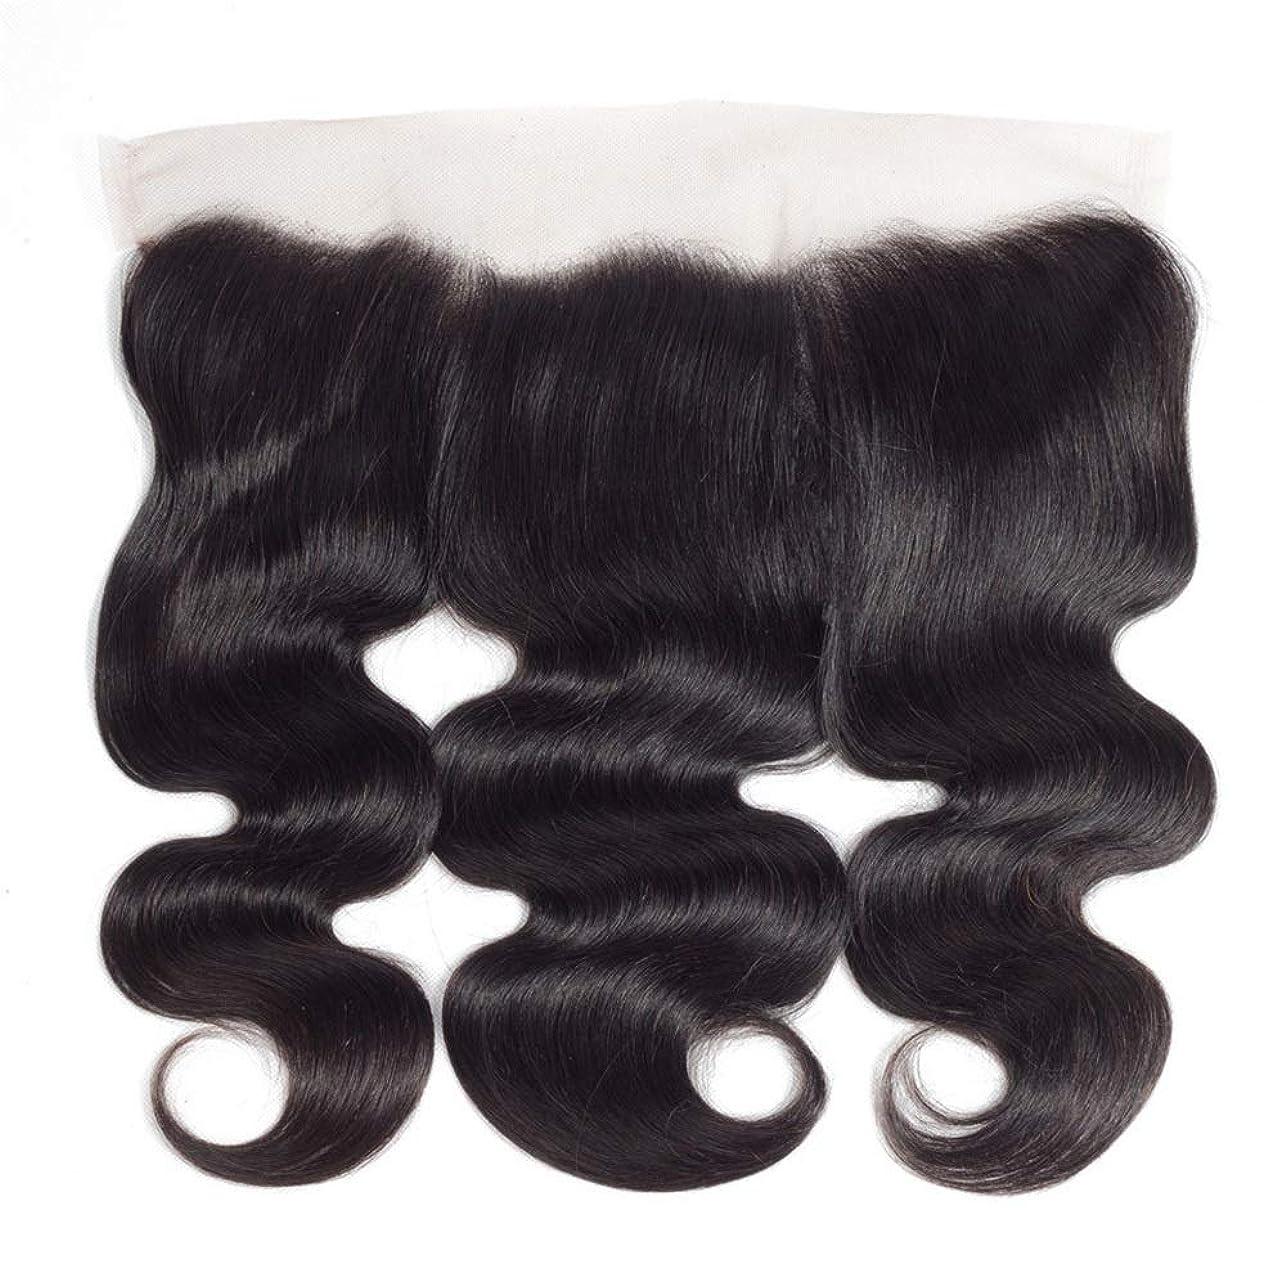 ポルノ致命的手を差し伸べるHOHYLLYA ブラジルの実体波人間の髪の毛の自由な部分13×4インチレース前頭閉鎖8インチ-20インチロングカーリーウィッグビッグウェーブウィッグ (色 : 黒, サイズ : 20 inch)